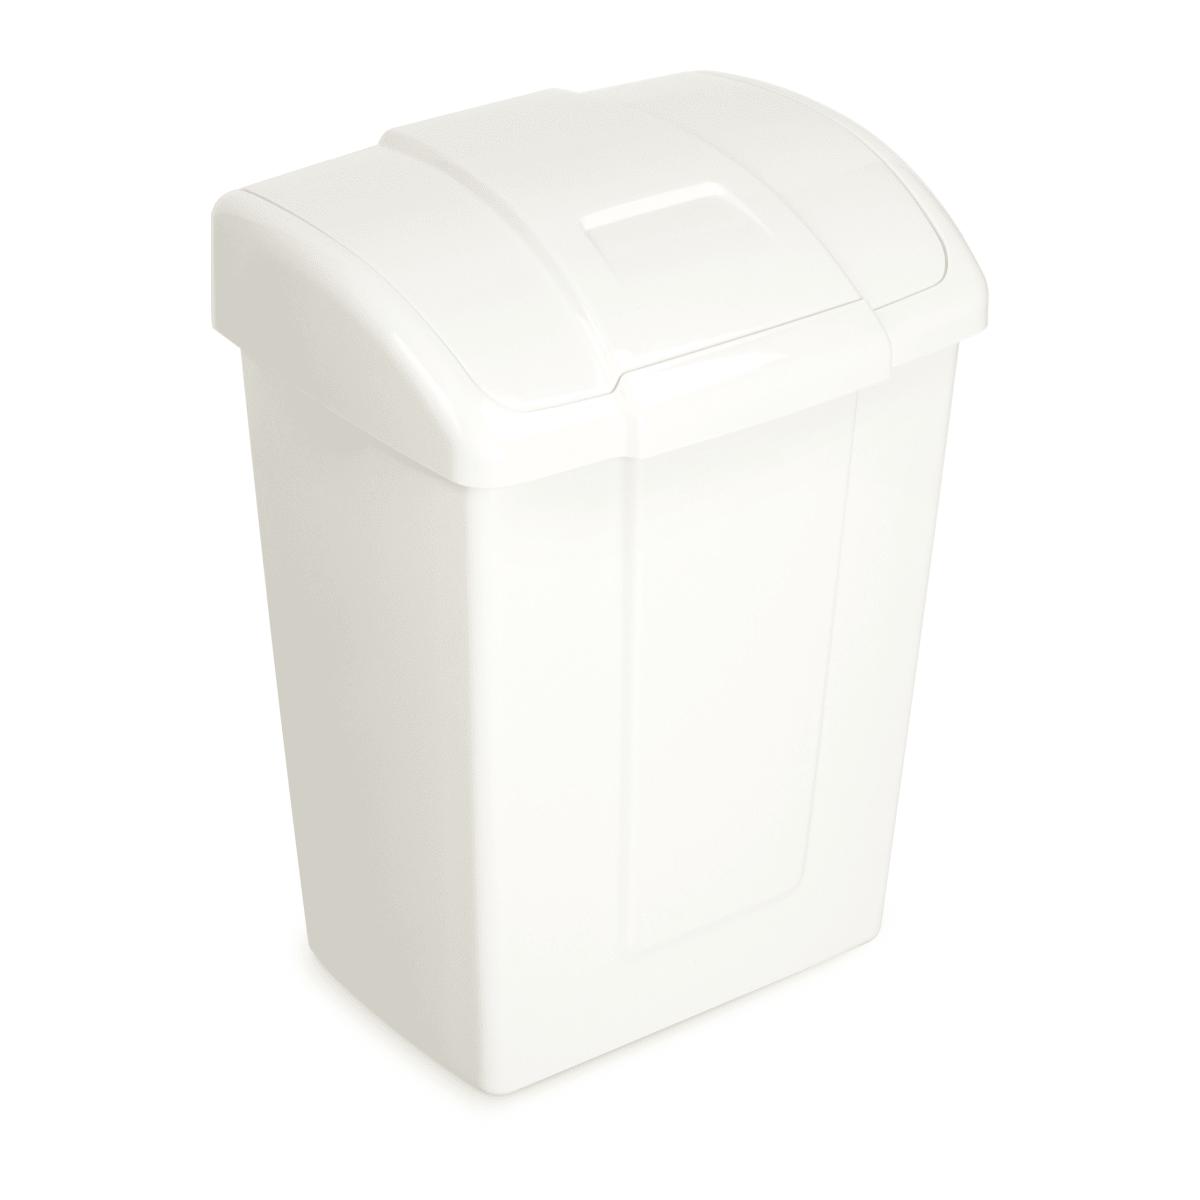 Контейнер для мусора Форте MIO, 23 л, цвет молочный